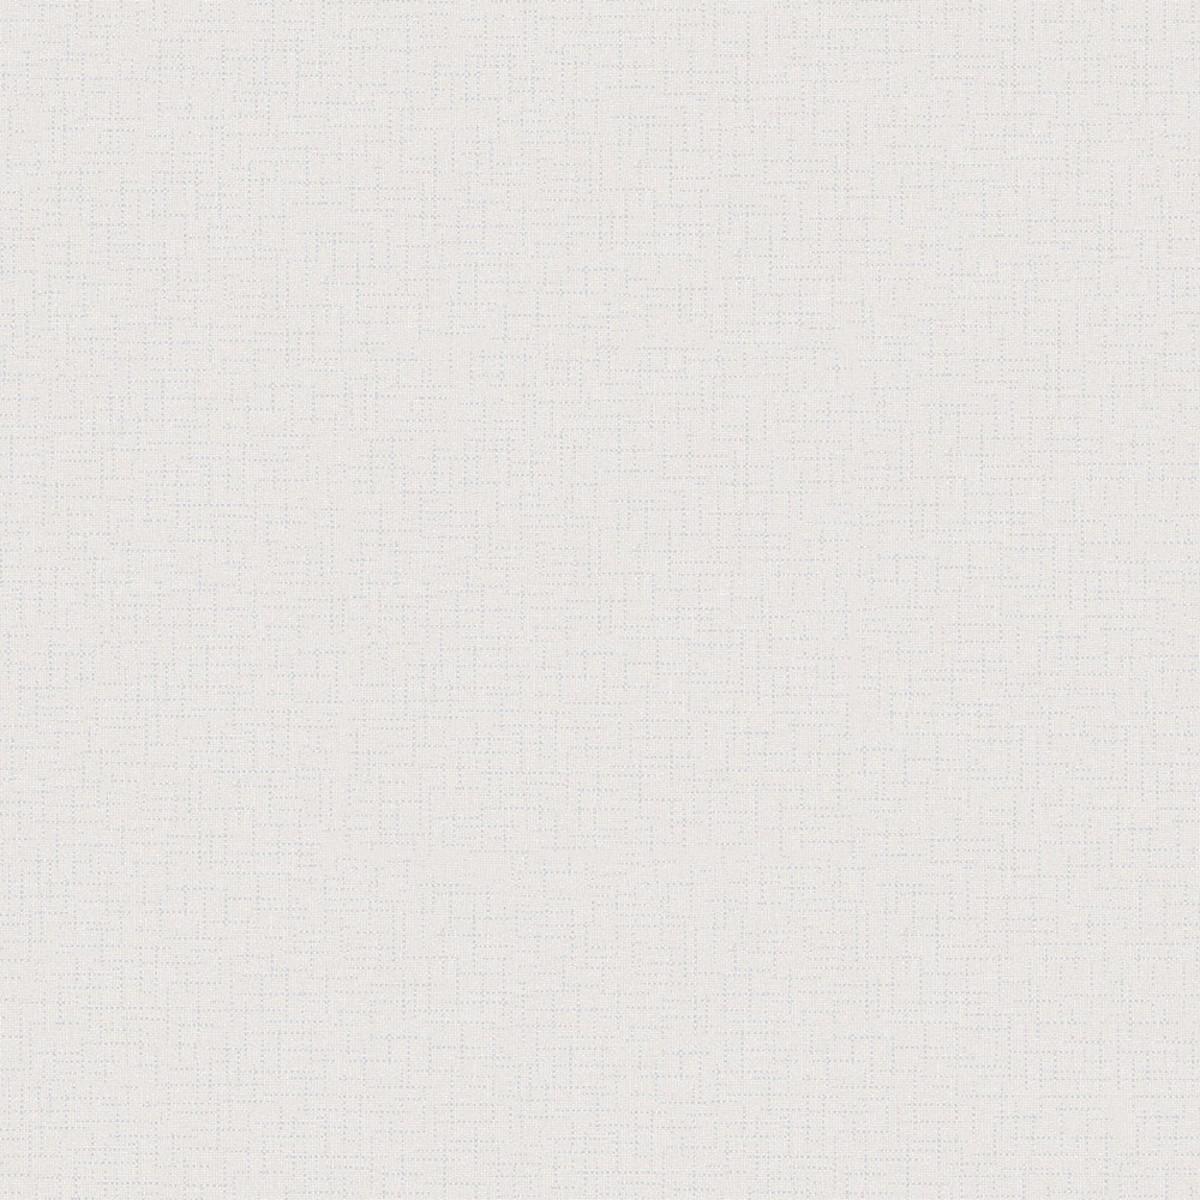 Обои виниловые Gaenari серые 1.06 м 87383-2